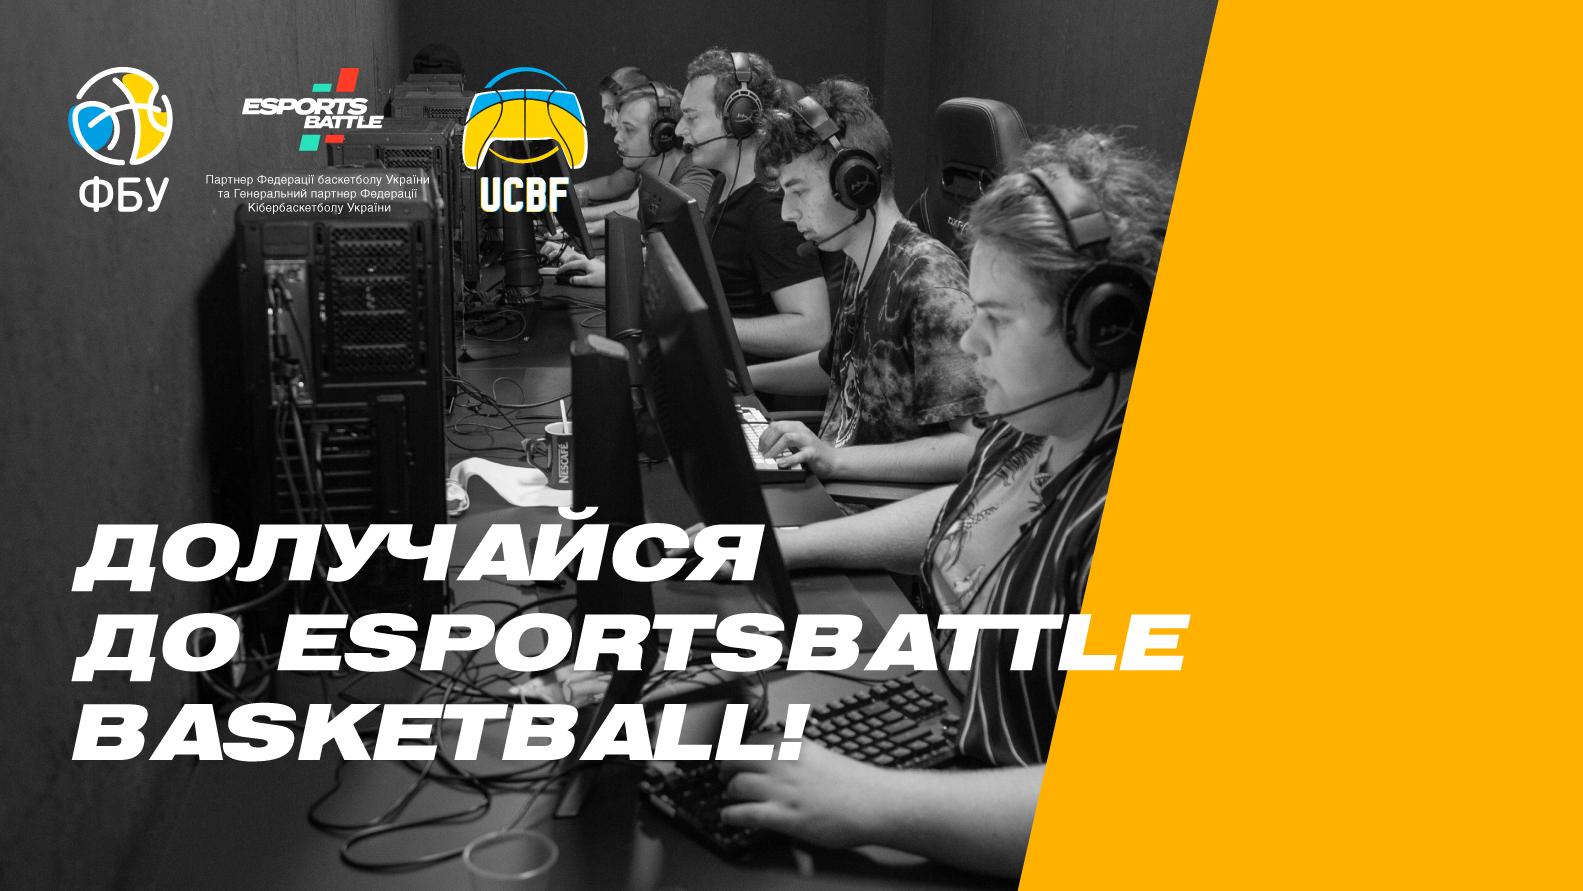 Щоденні кібербаскетбольні турніри на ESportsBattle